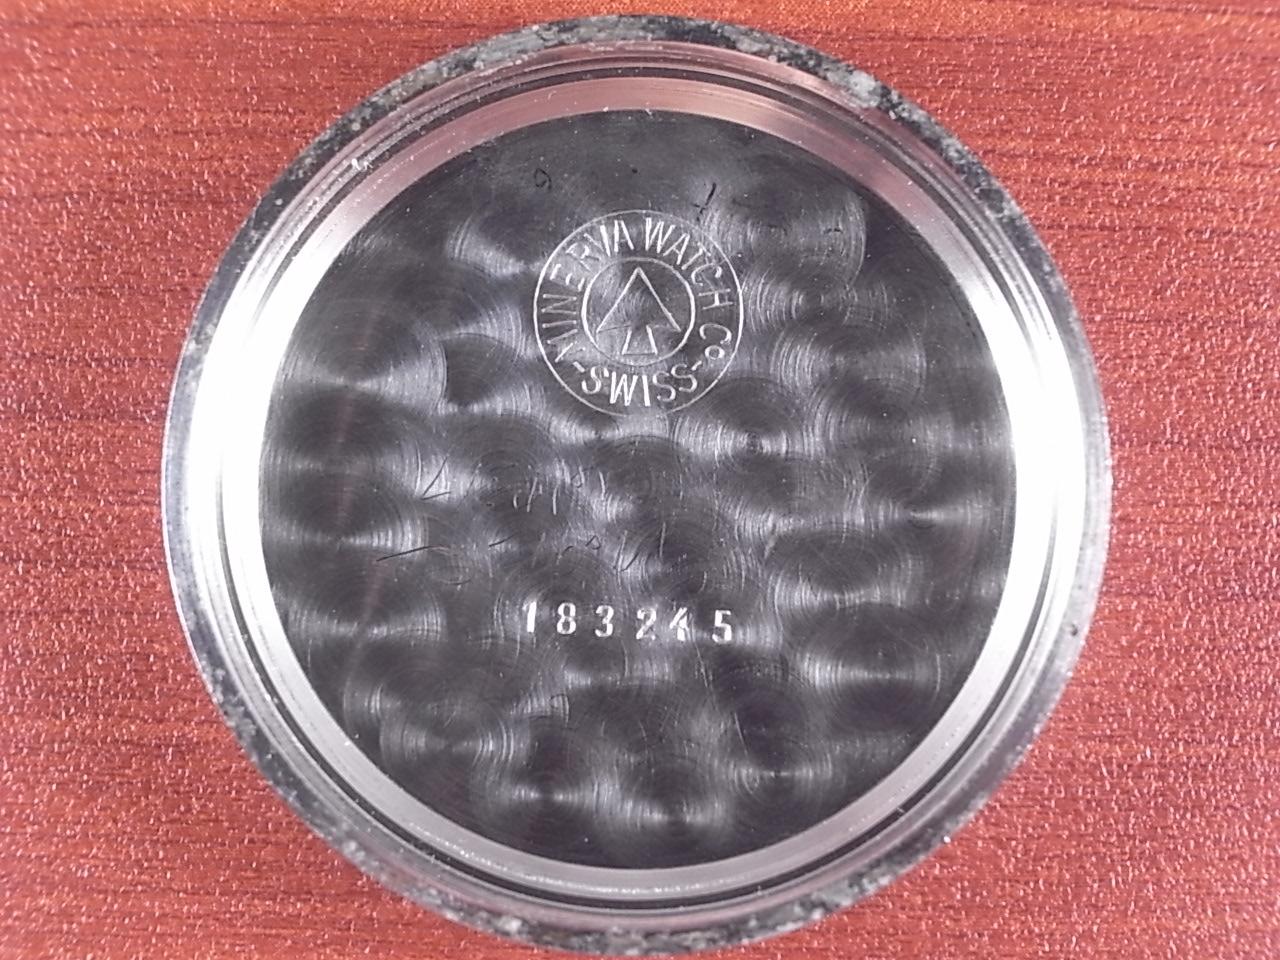 ミネルバ クロノグラフ Cal.20CH ピンクダイアル 1940年代の写真6枚目